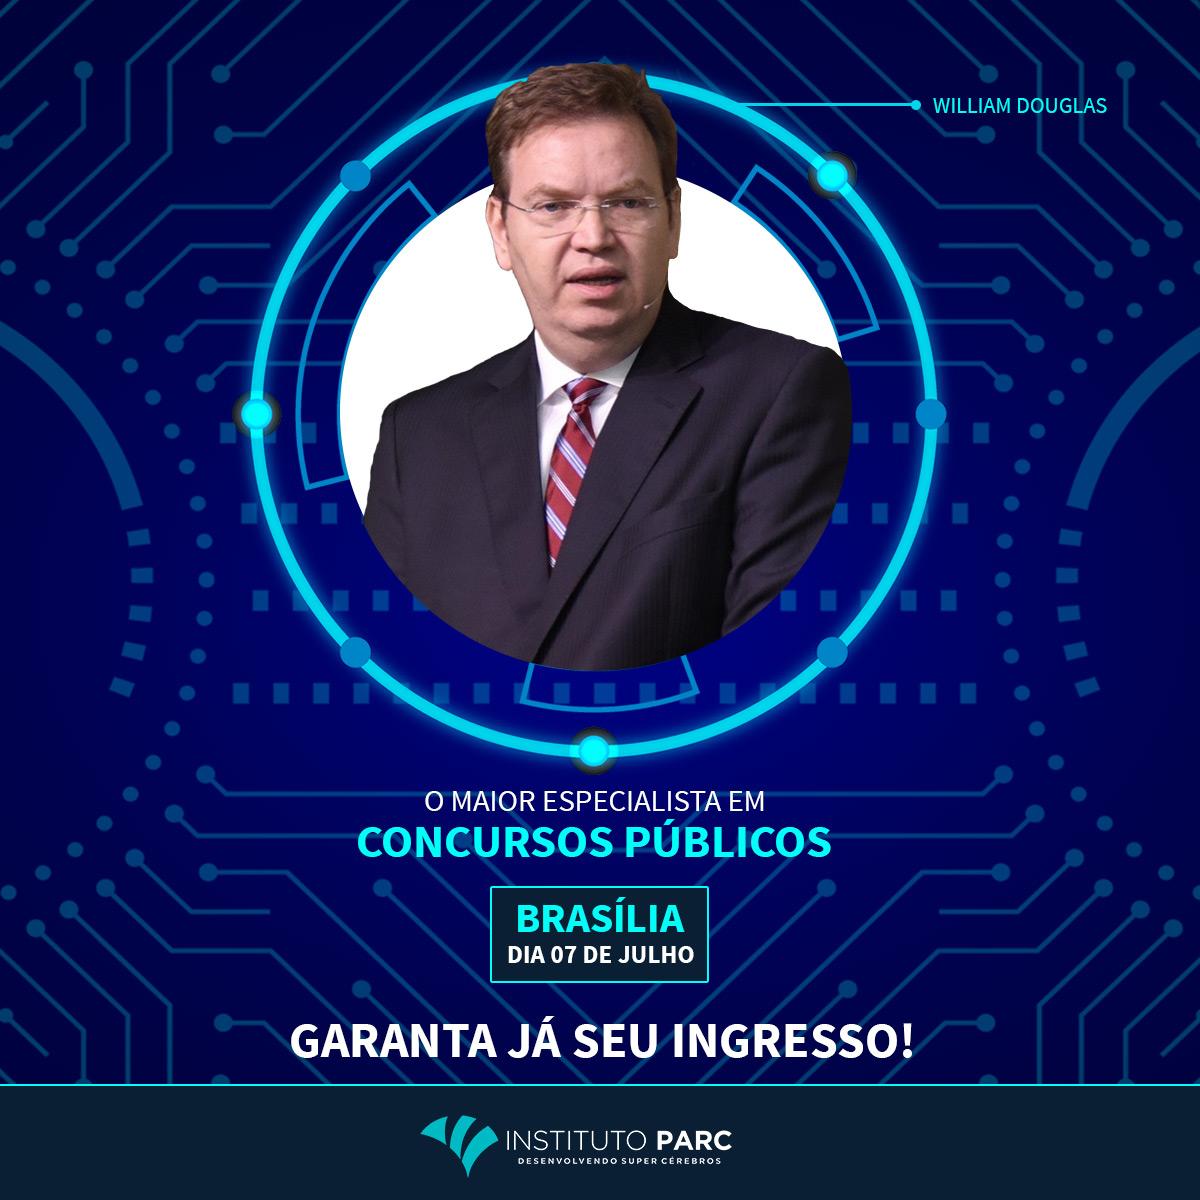 """A Agência Carcará é a responsável pela campanha publicitária para a palestra de William Douglas o """"Guru dos concursos públicos"""", que ocorrerá no dia 7 de julho de 2018 em Brasília."""